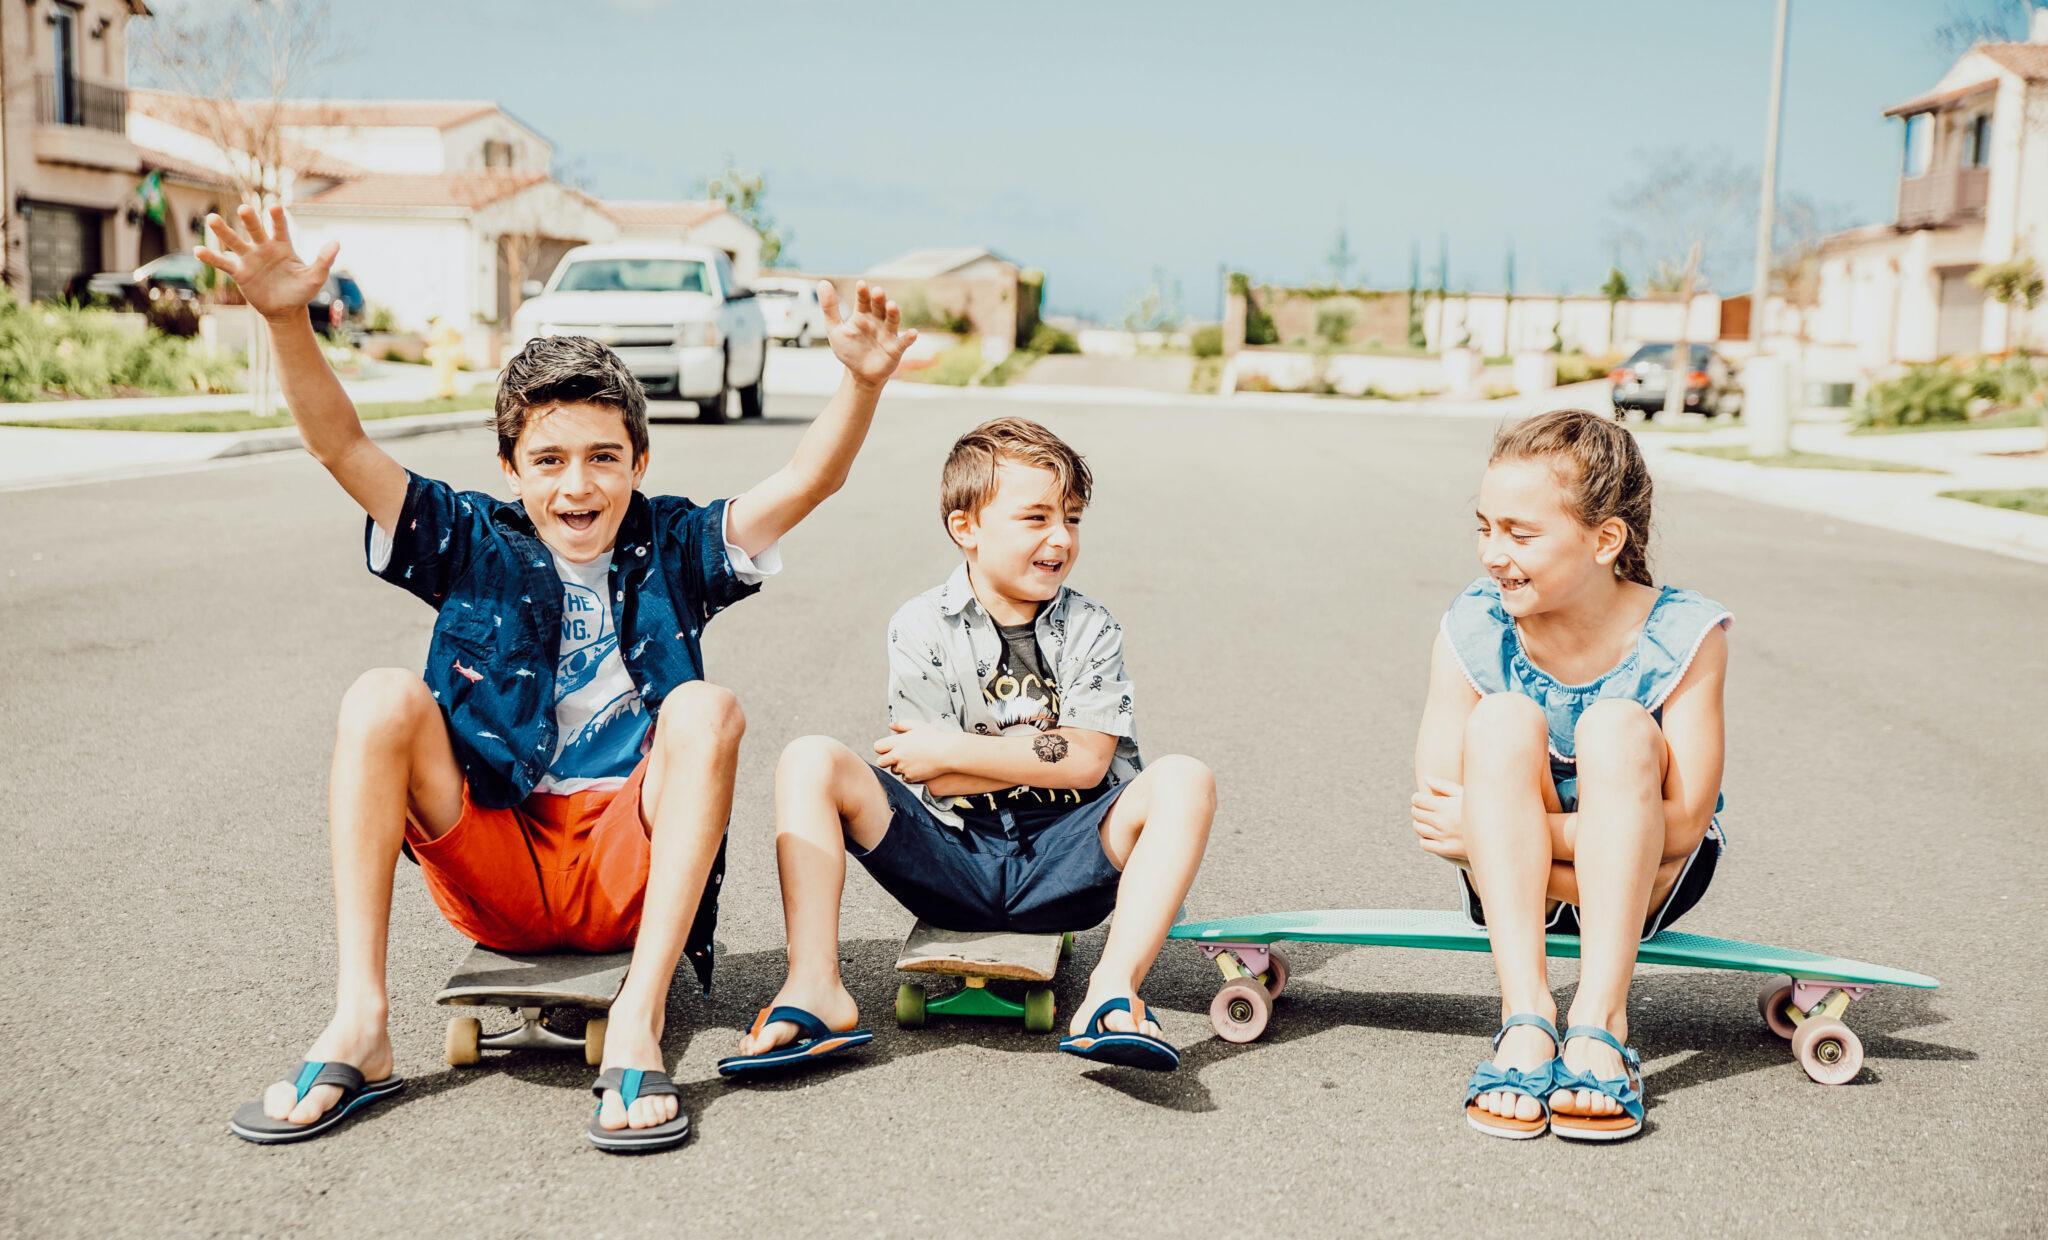 kids on skateboards